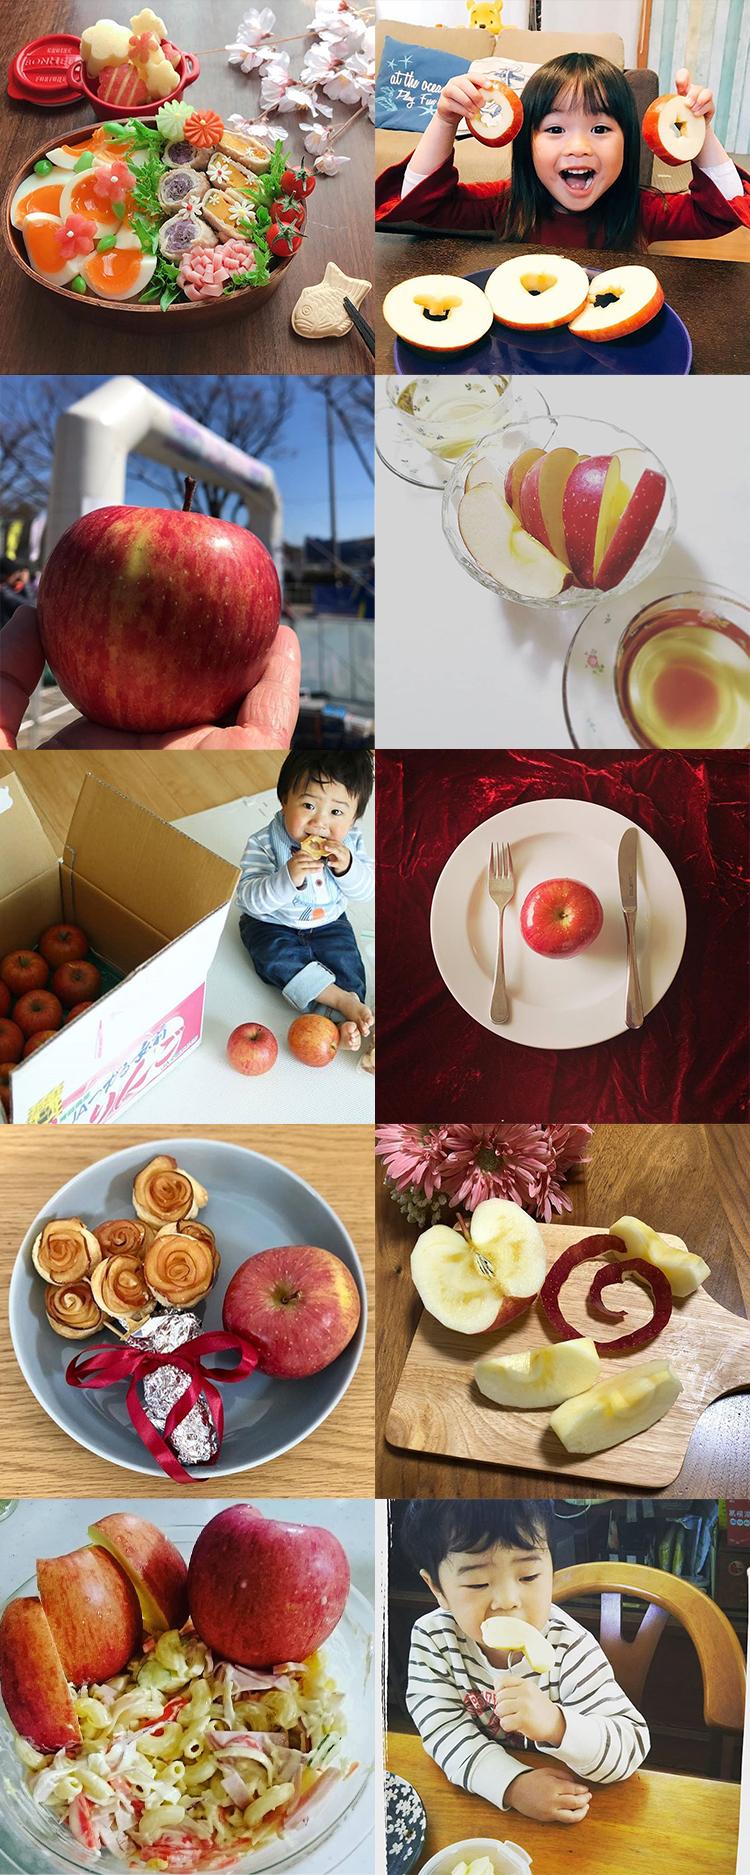 私の美活は食べるだけ青森りんごキャンペーン3月結果